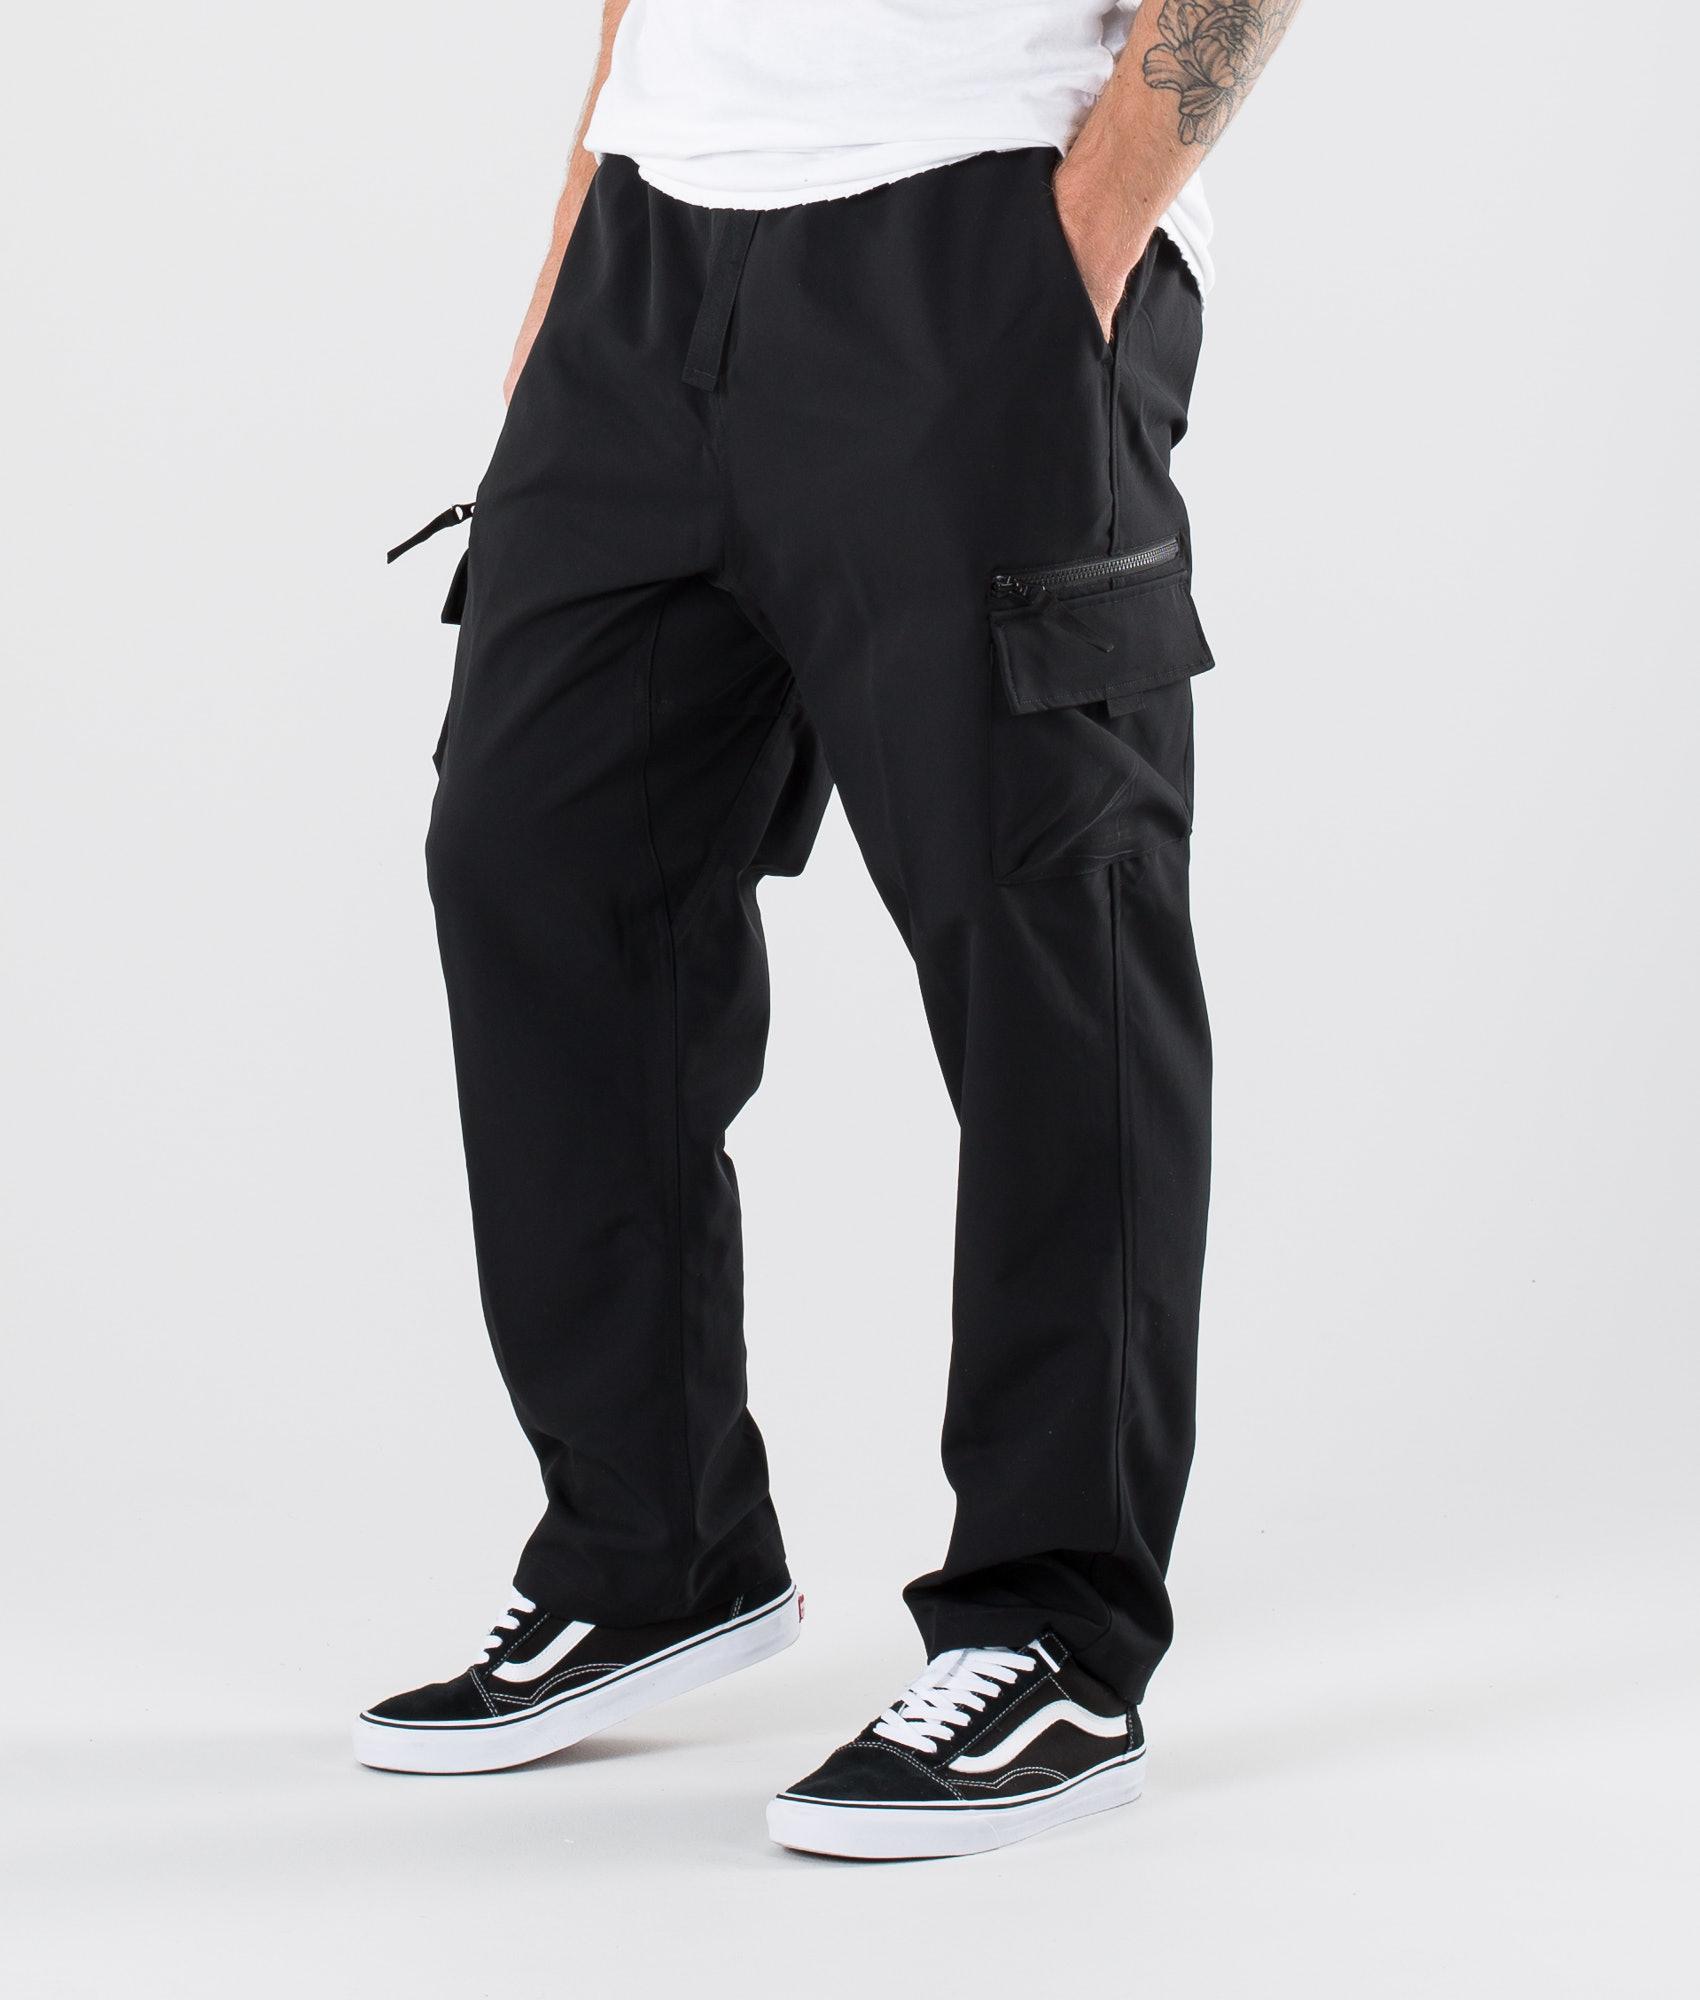 9fbff61d068d7a Herren Hosen Und Jeans Streetwear Online Kaufen